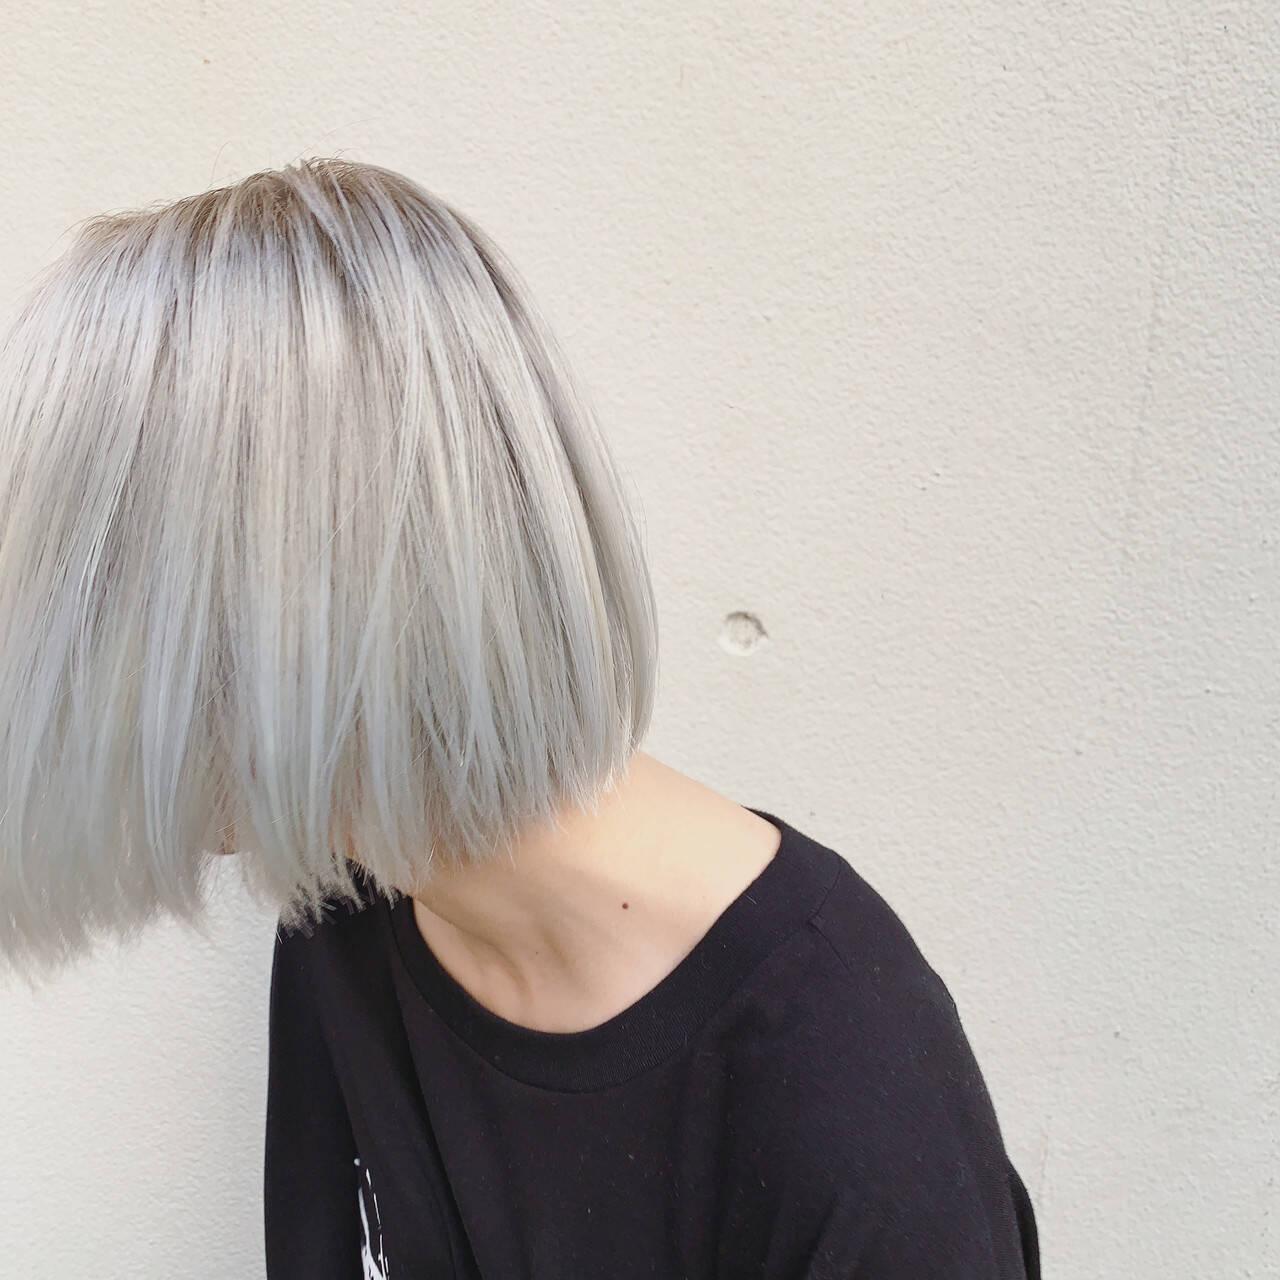 ハイトーン ブリーチ ショートボブ インナーカラーヘアスタイルや髪型の写真・画像